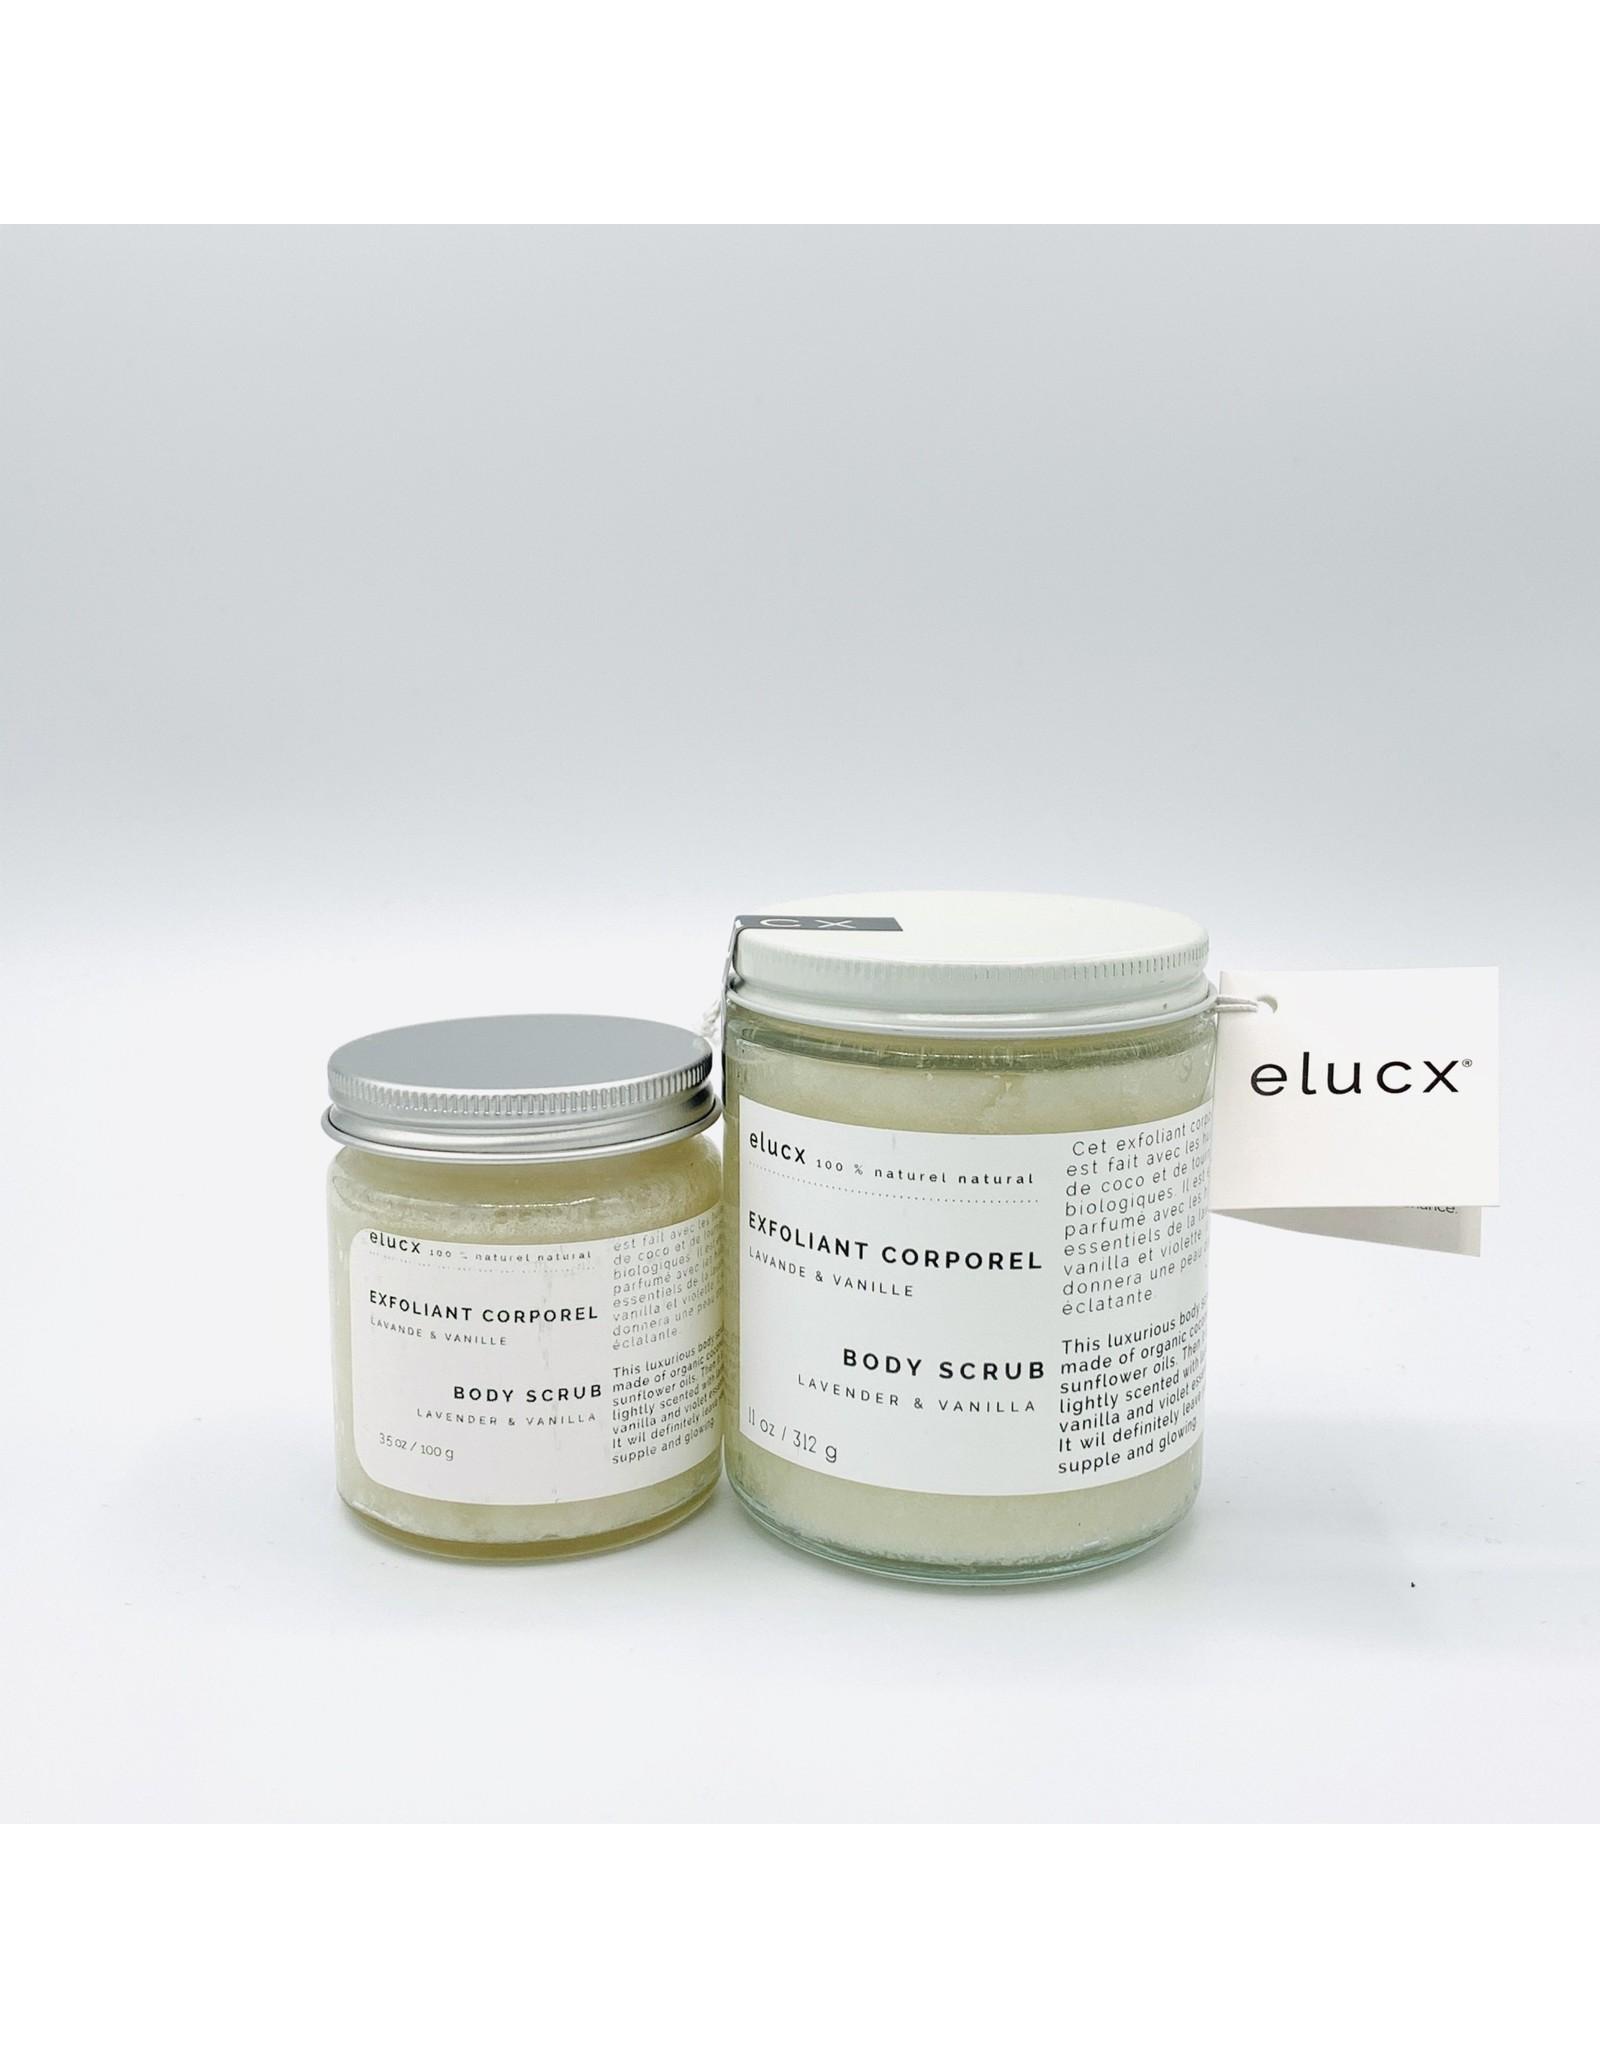 Elucx Lavender Vanilla Body Scrub by Elucx